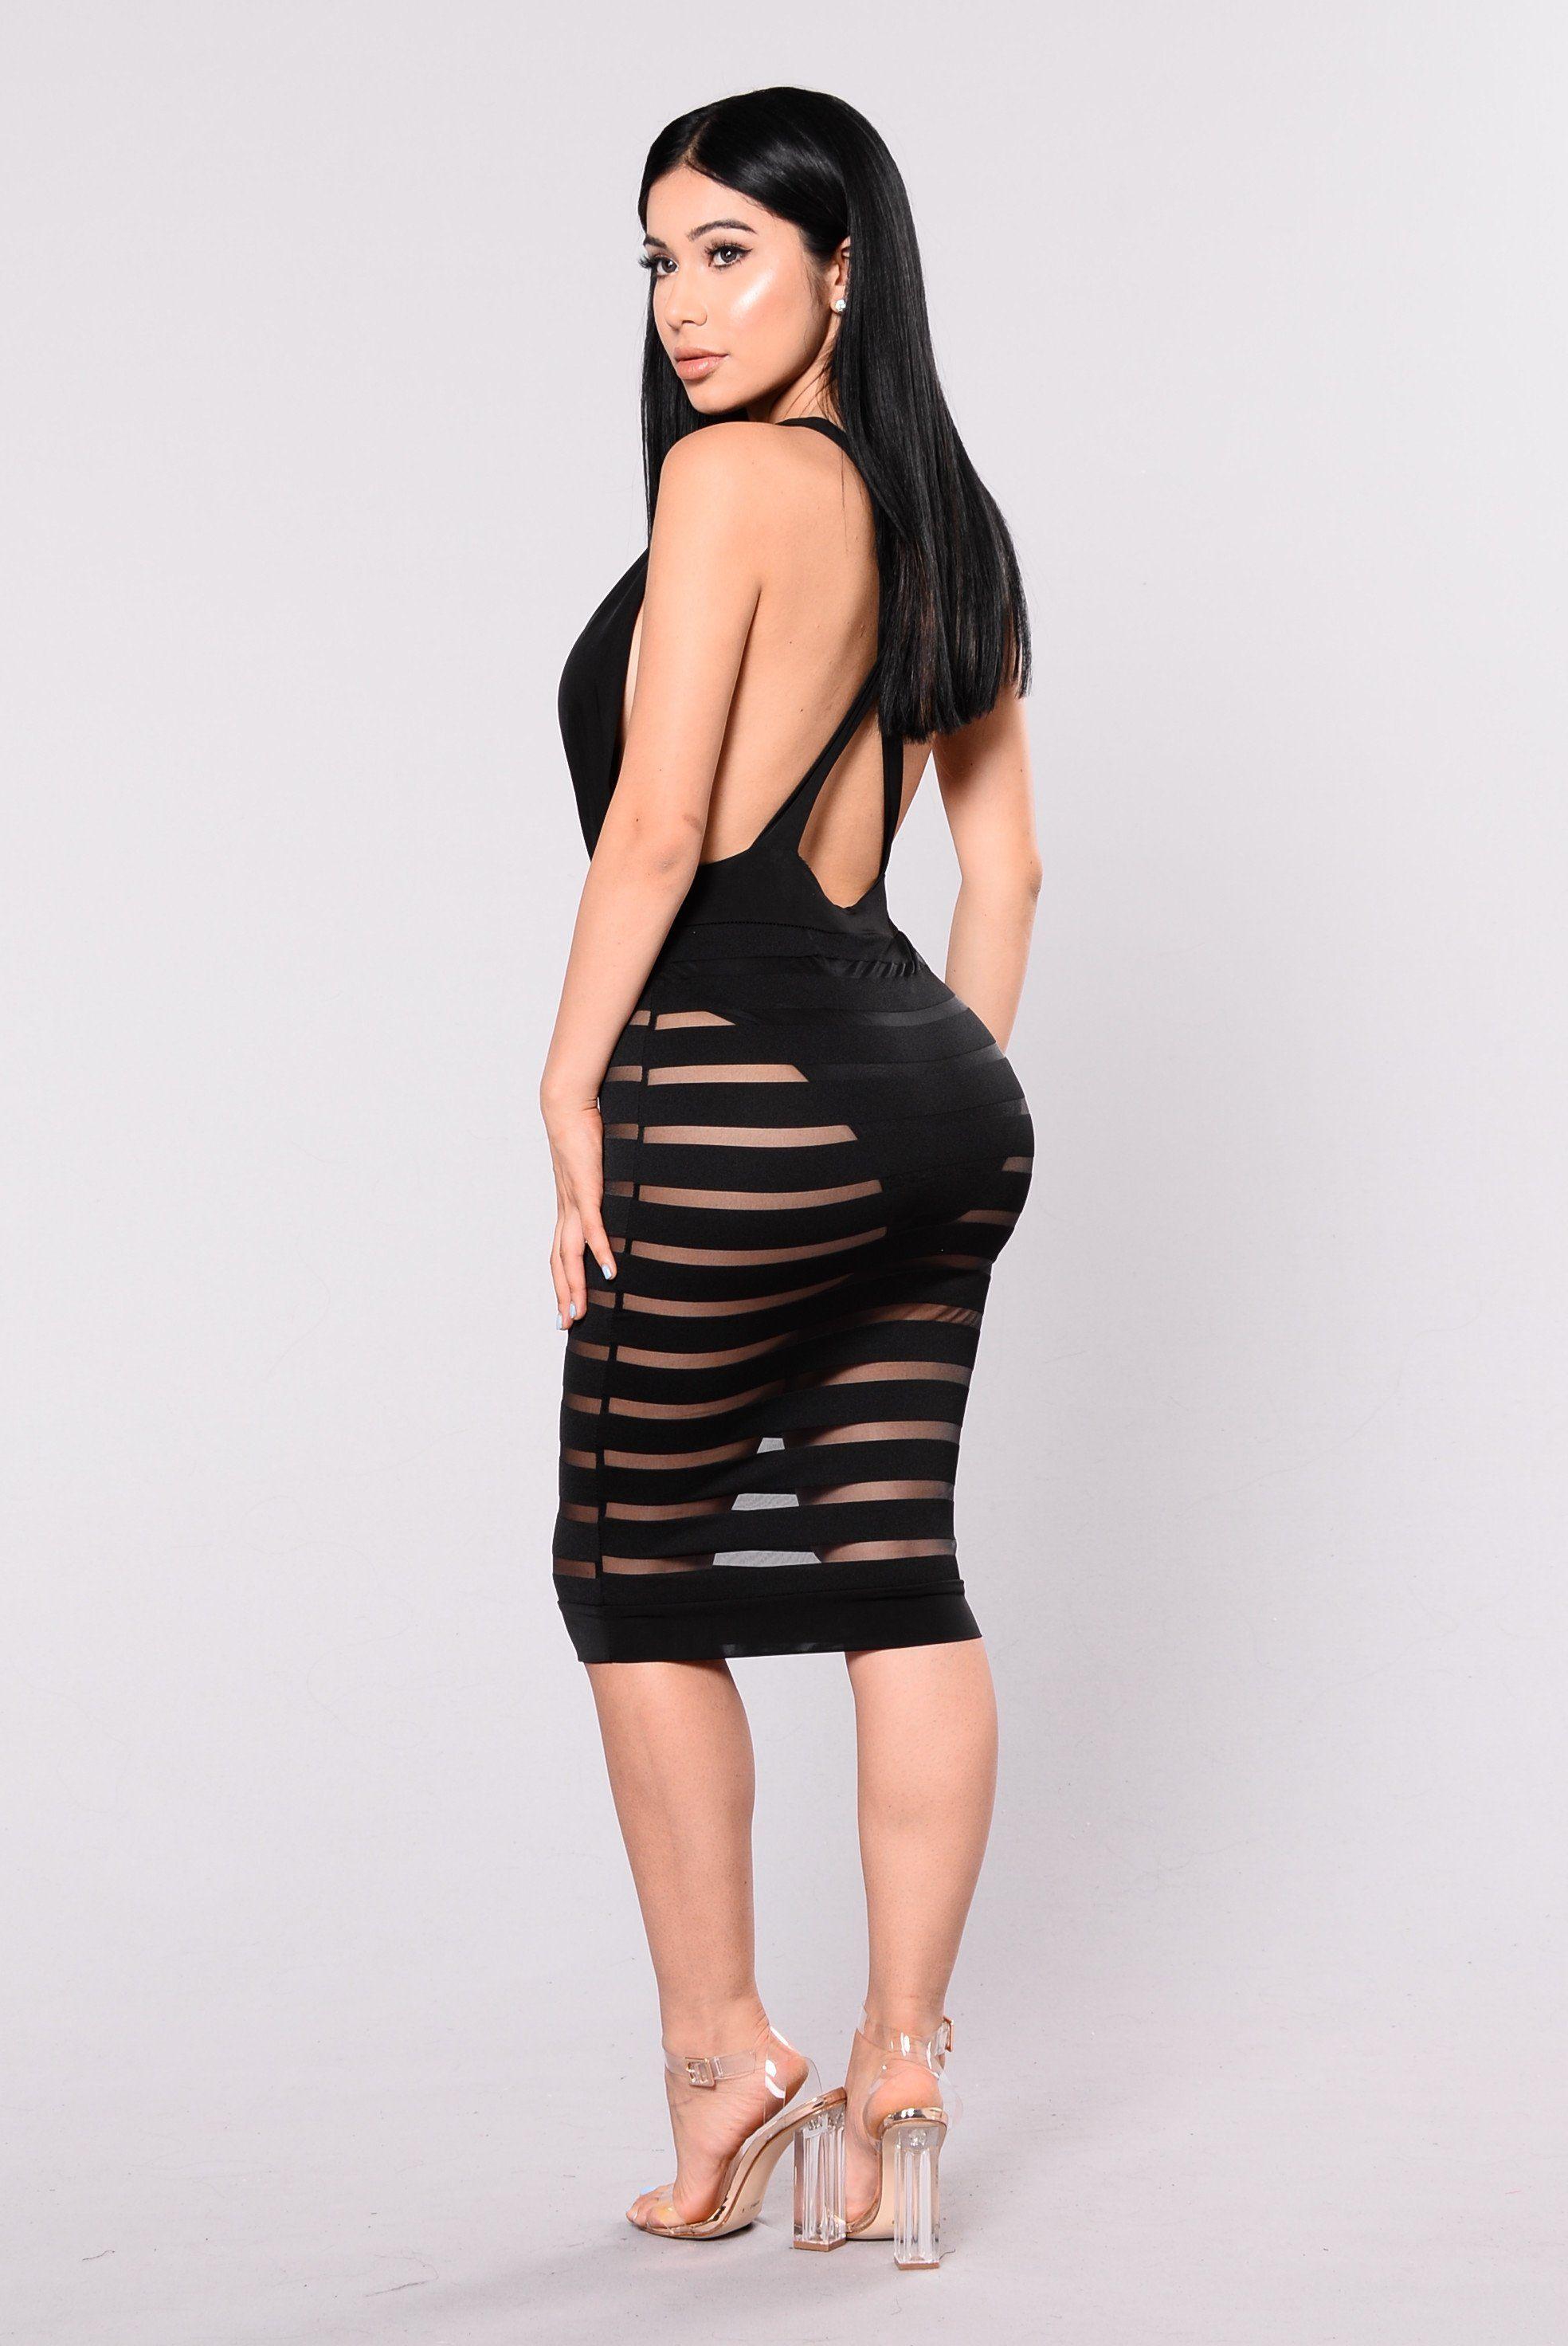 Contigo Dress - Black | Lange kleider, schöne Frauen und Kleider